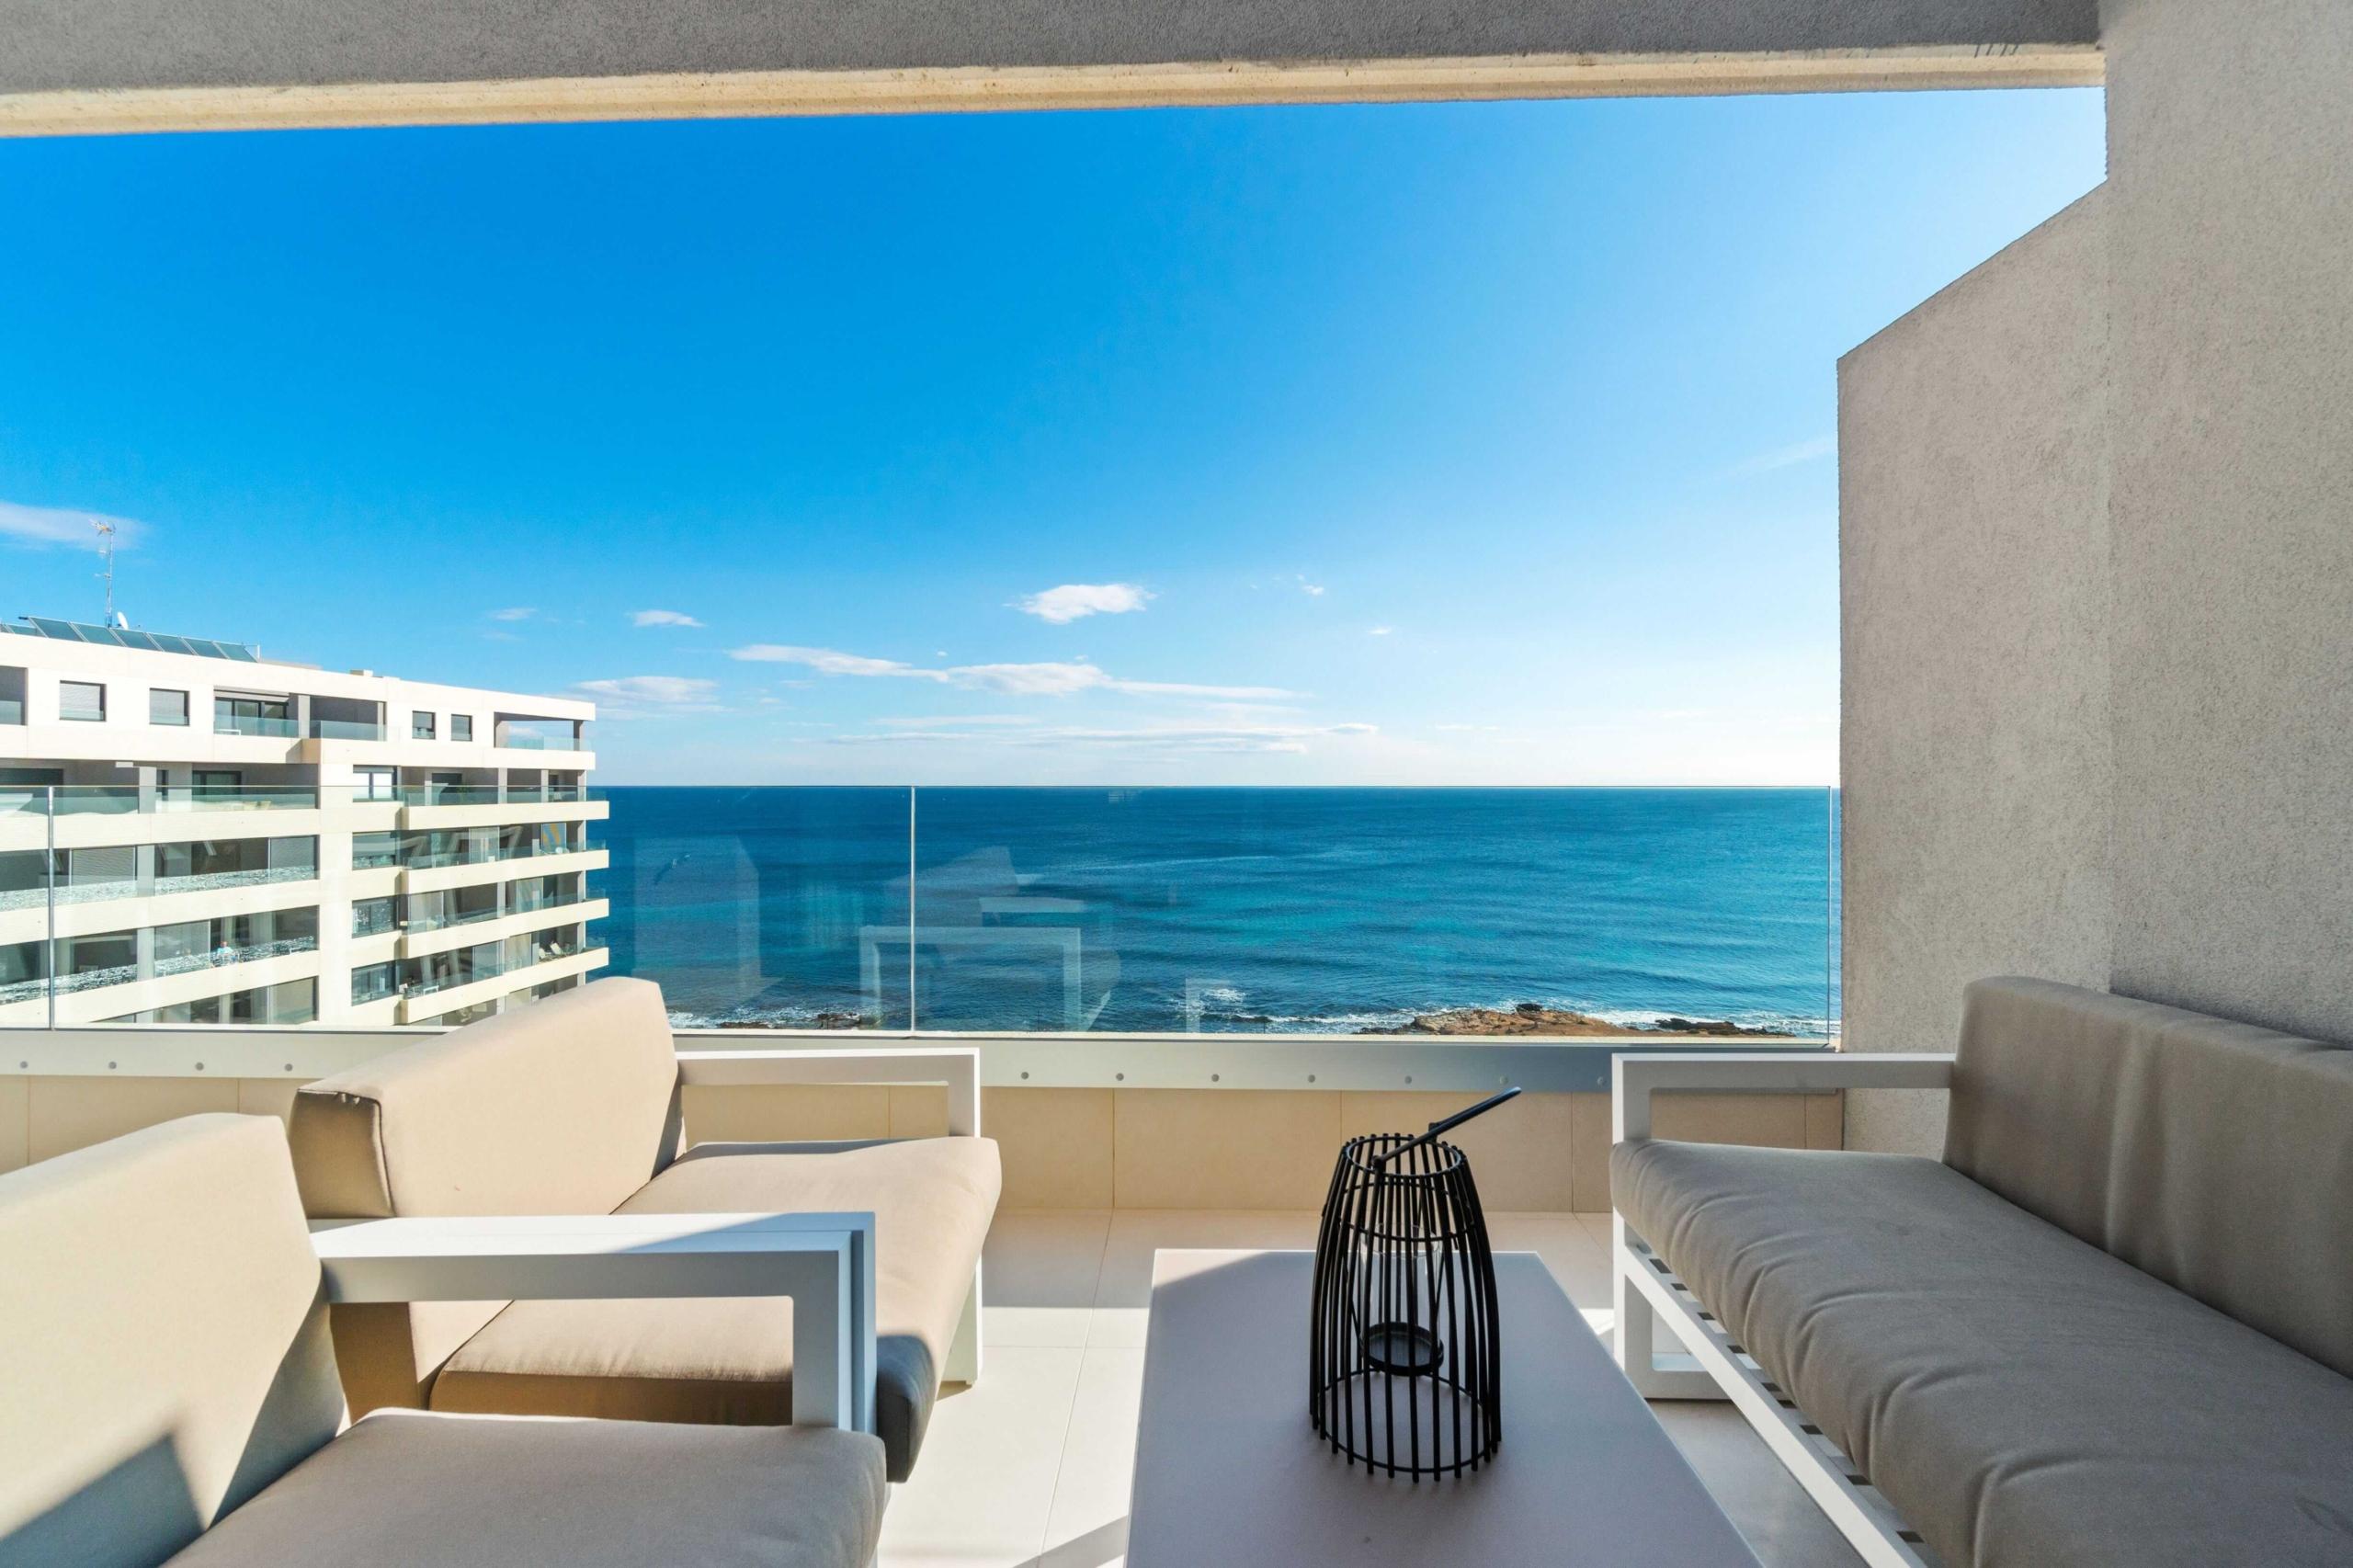 image Acheté de l'immobilier en Espagne